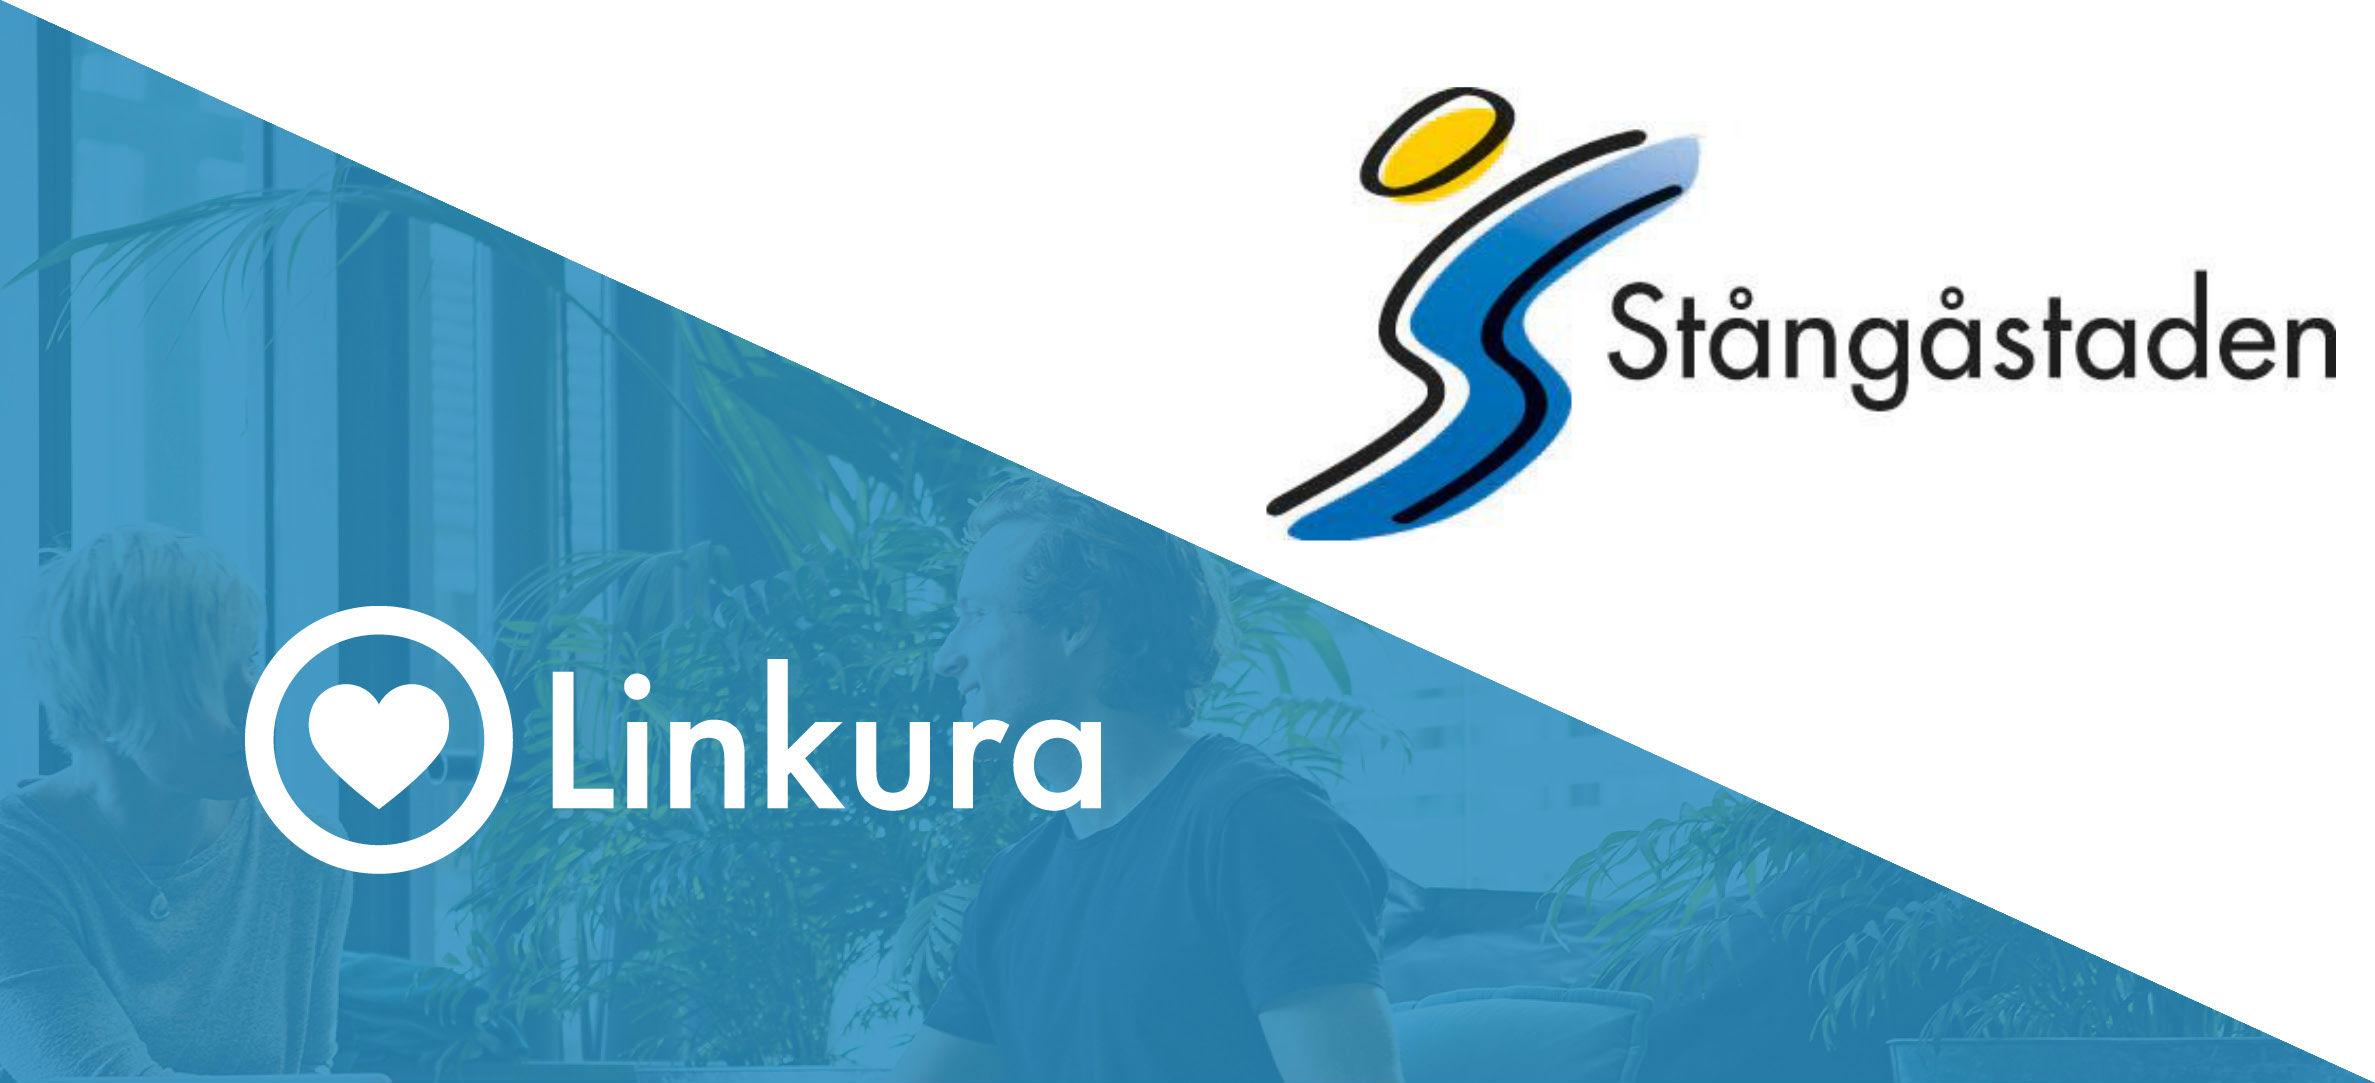 Linkura 💙 Stångåstaden